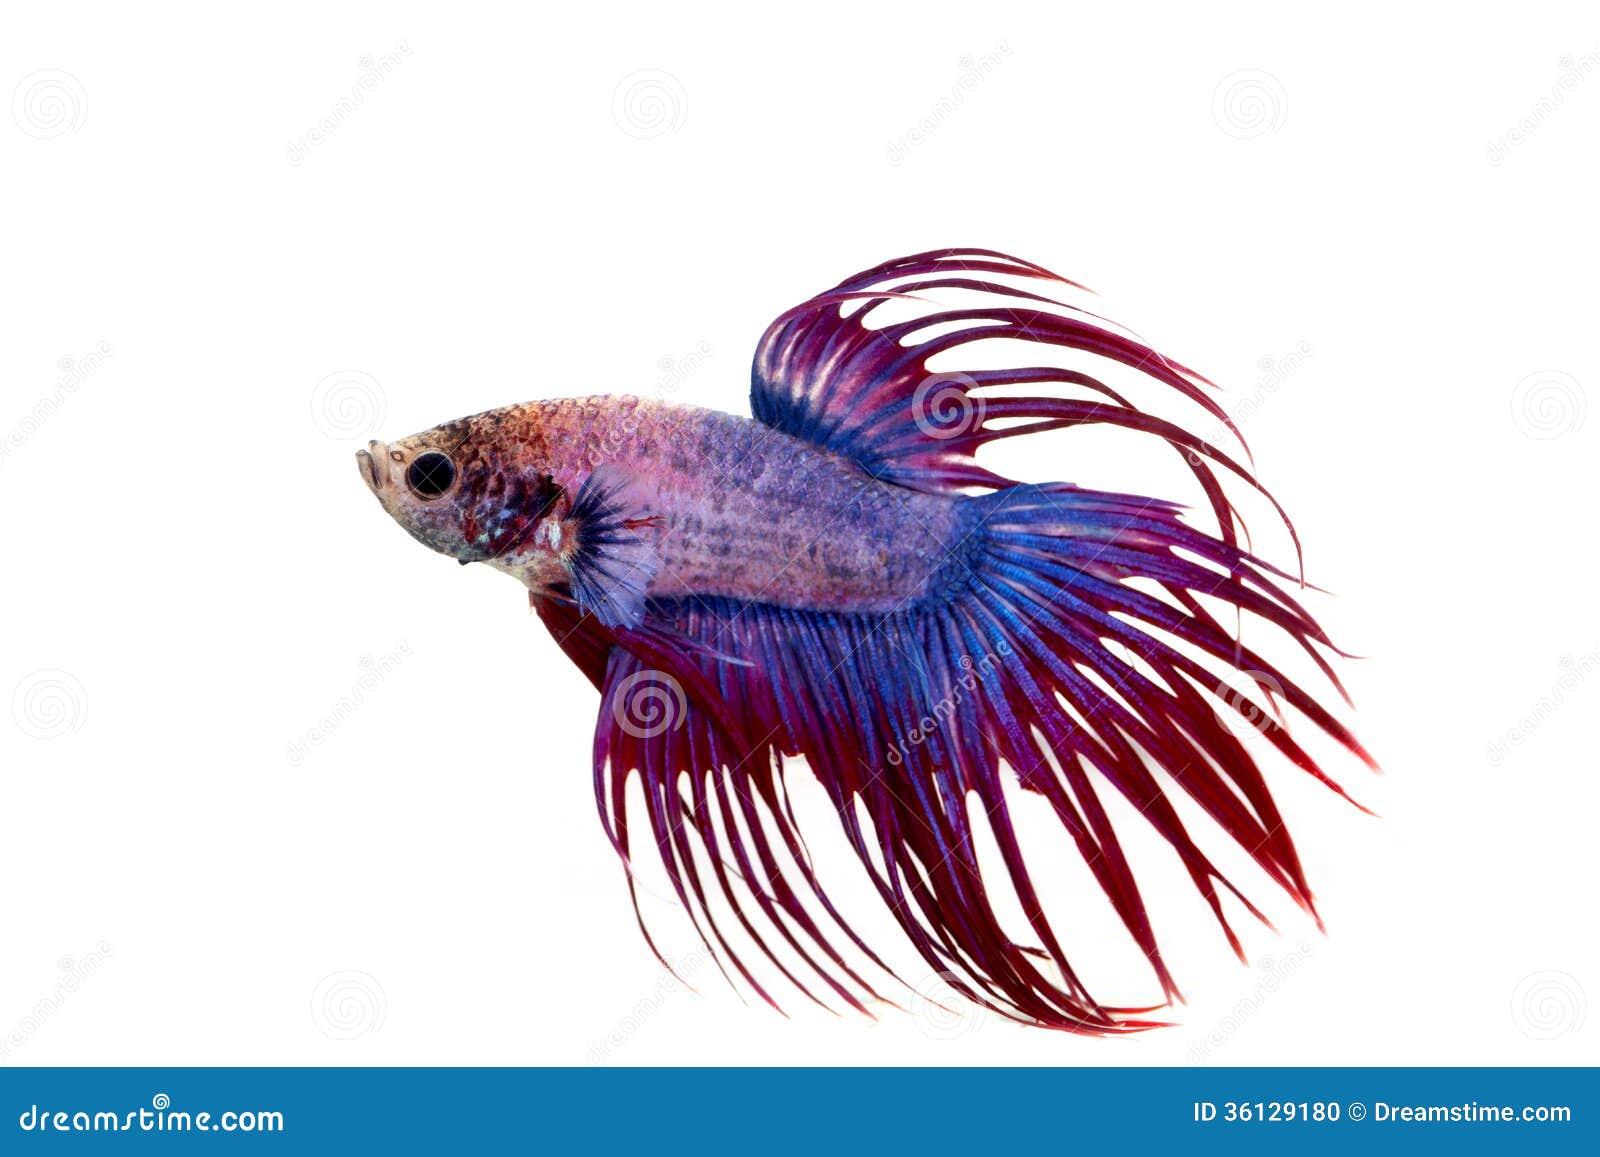 Pesce combattente vicino su su fondo bianco.